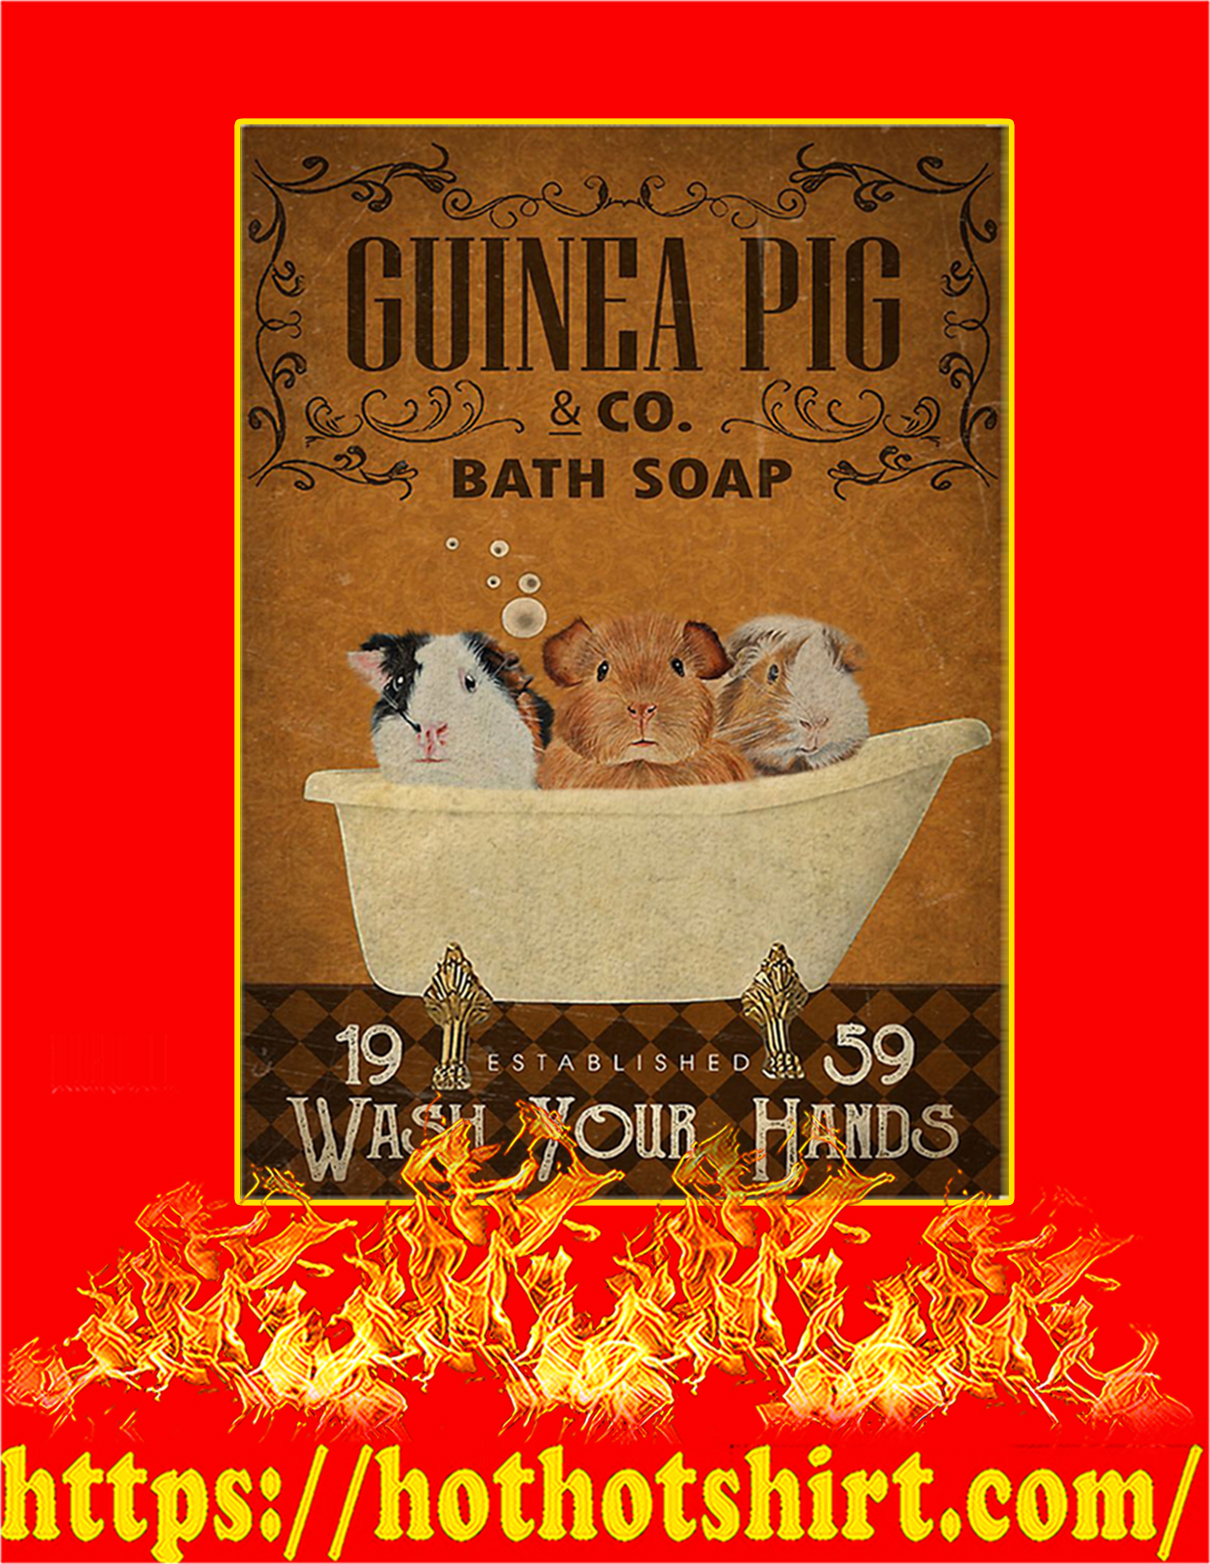 Guinea pig bath soap poster - A3